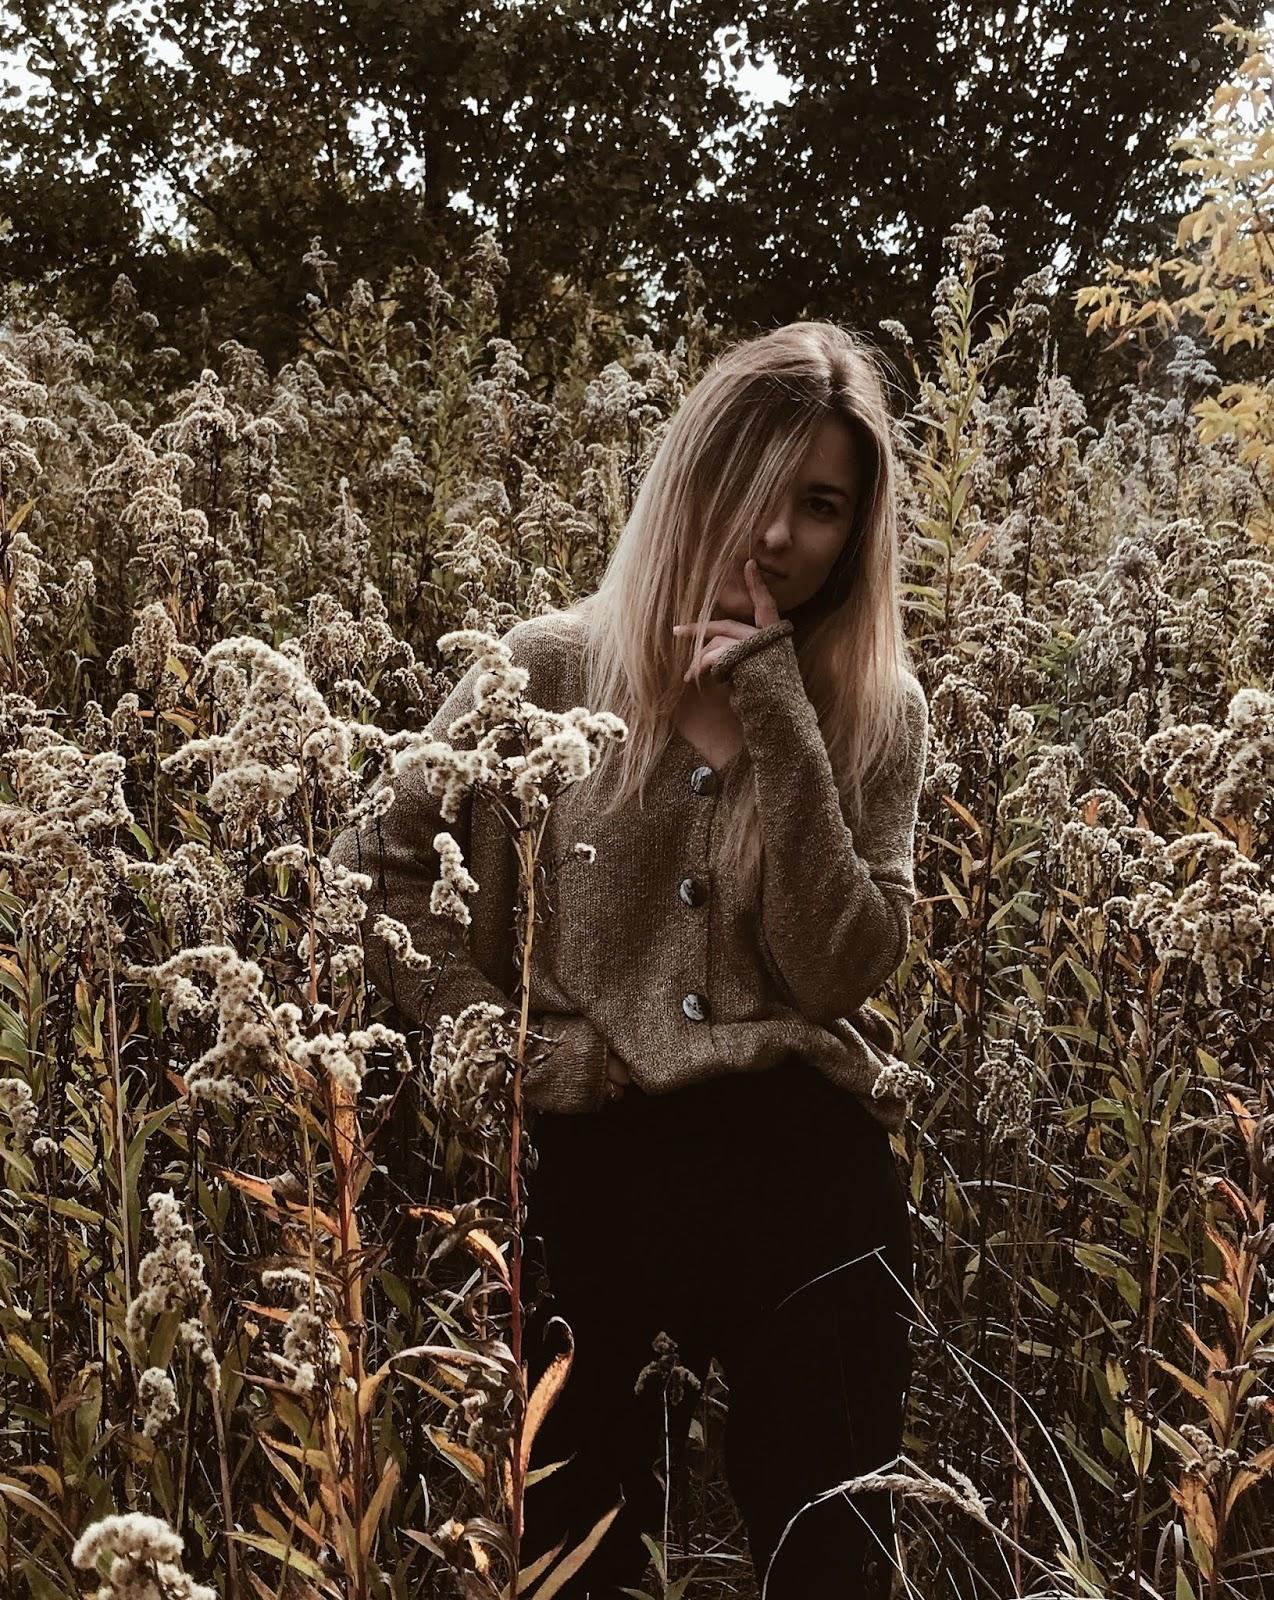 Piaskowy sweter i łąka